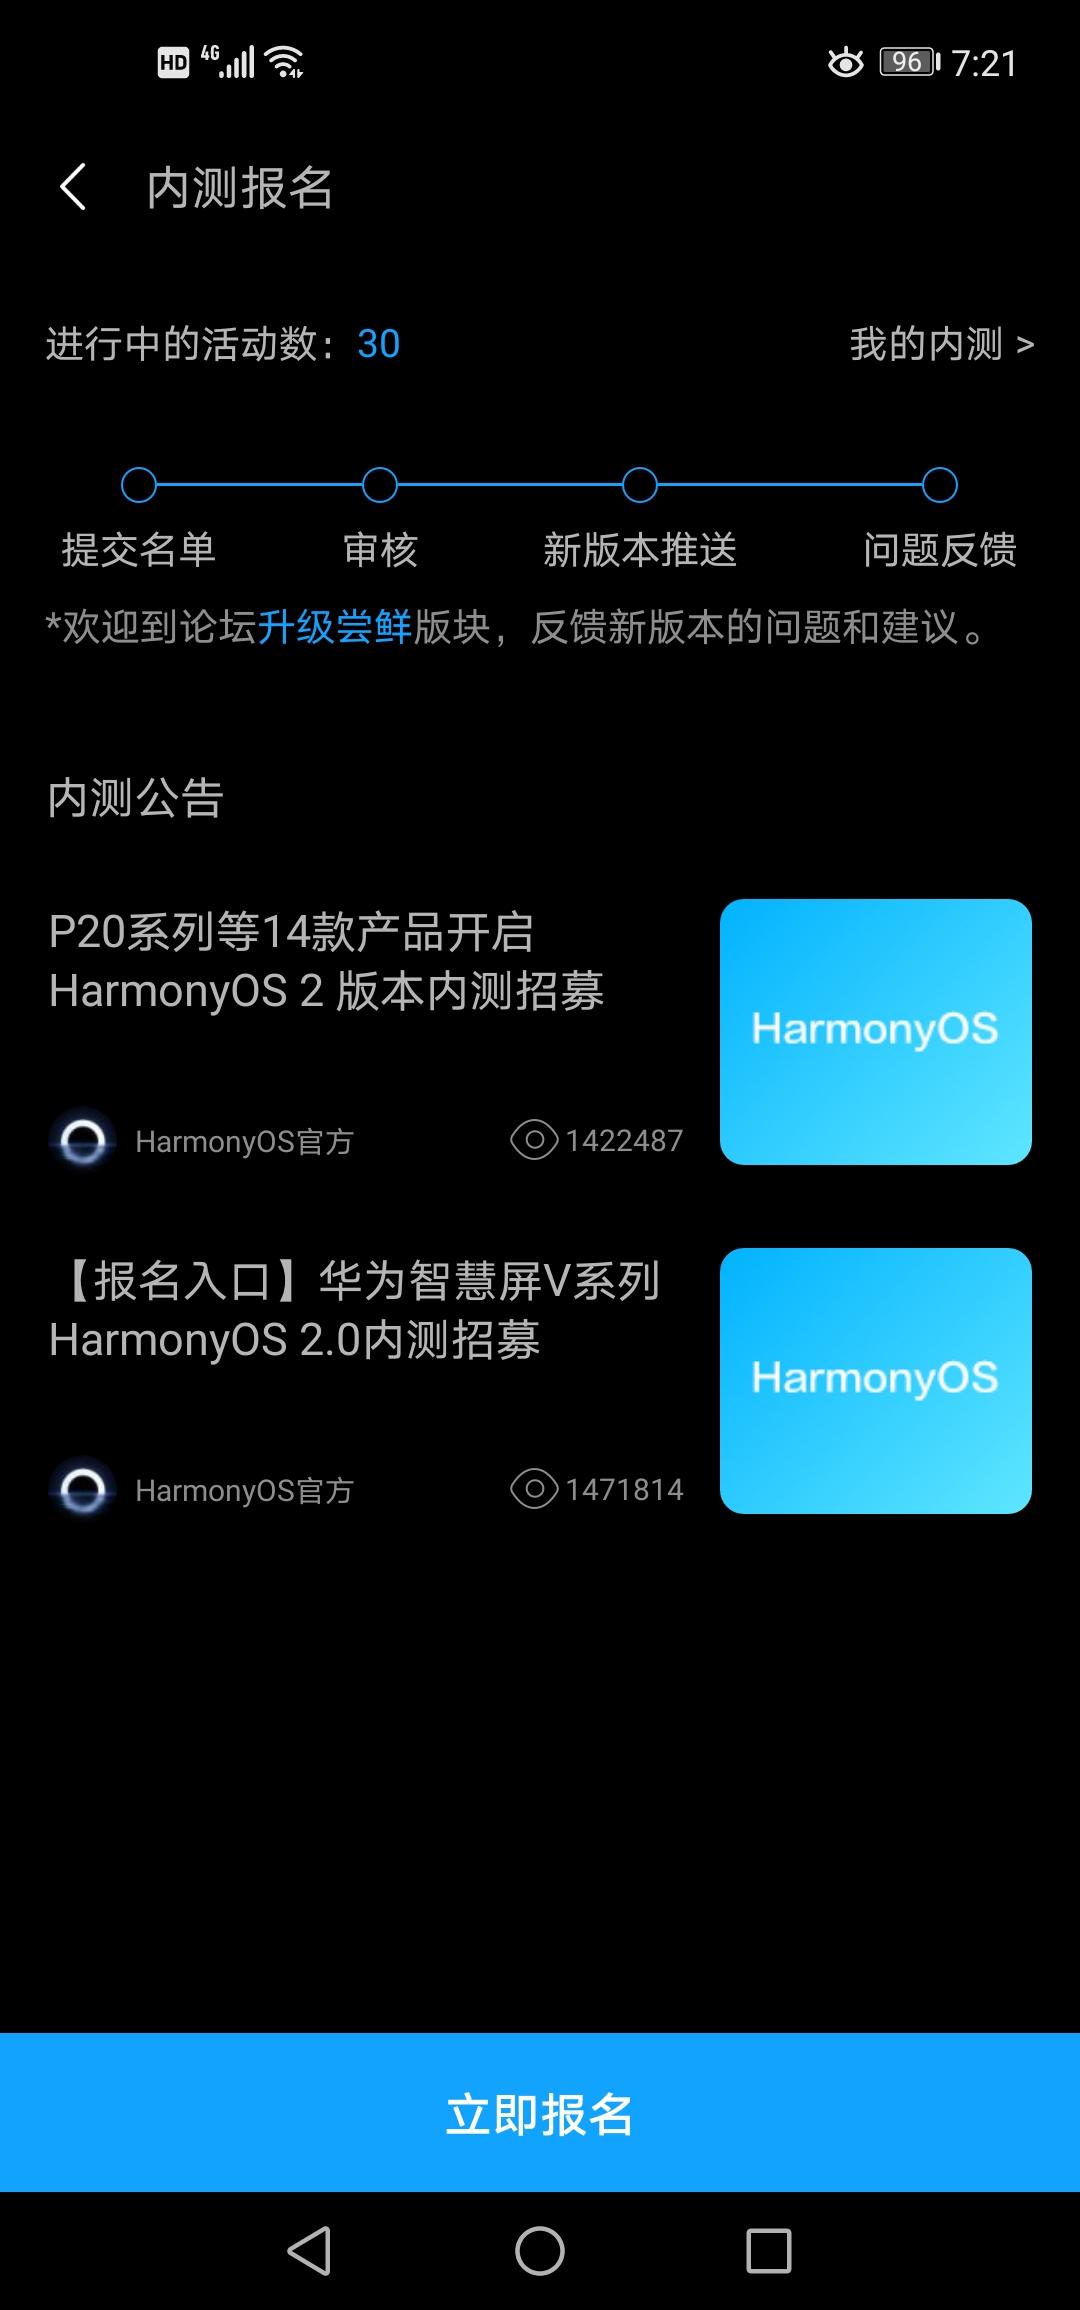 Screenshot_20210803_072102_com.huawei.fans.jpg